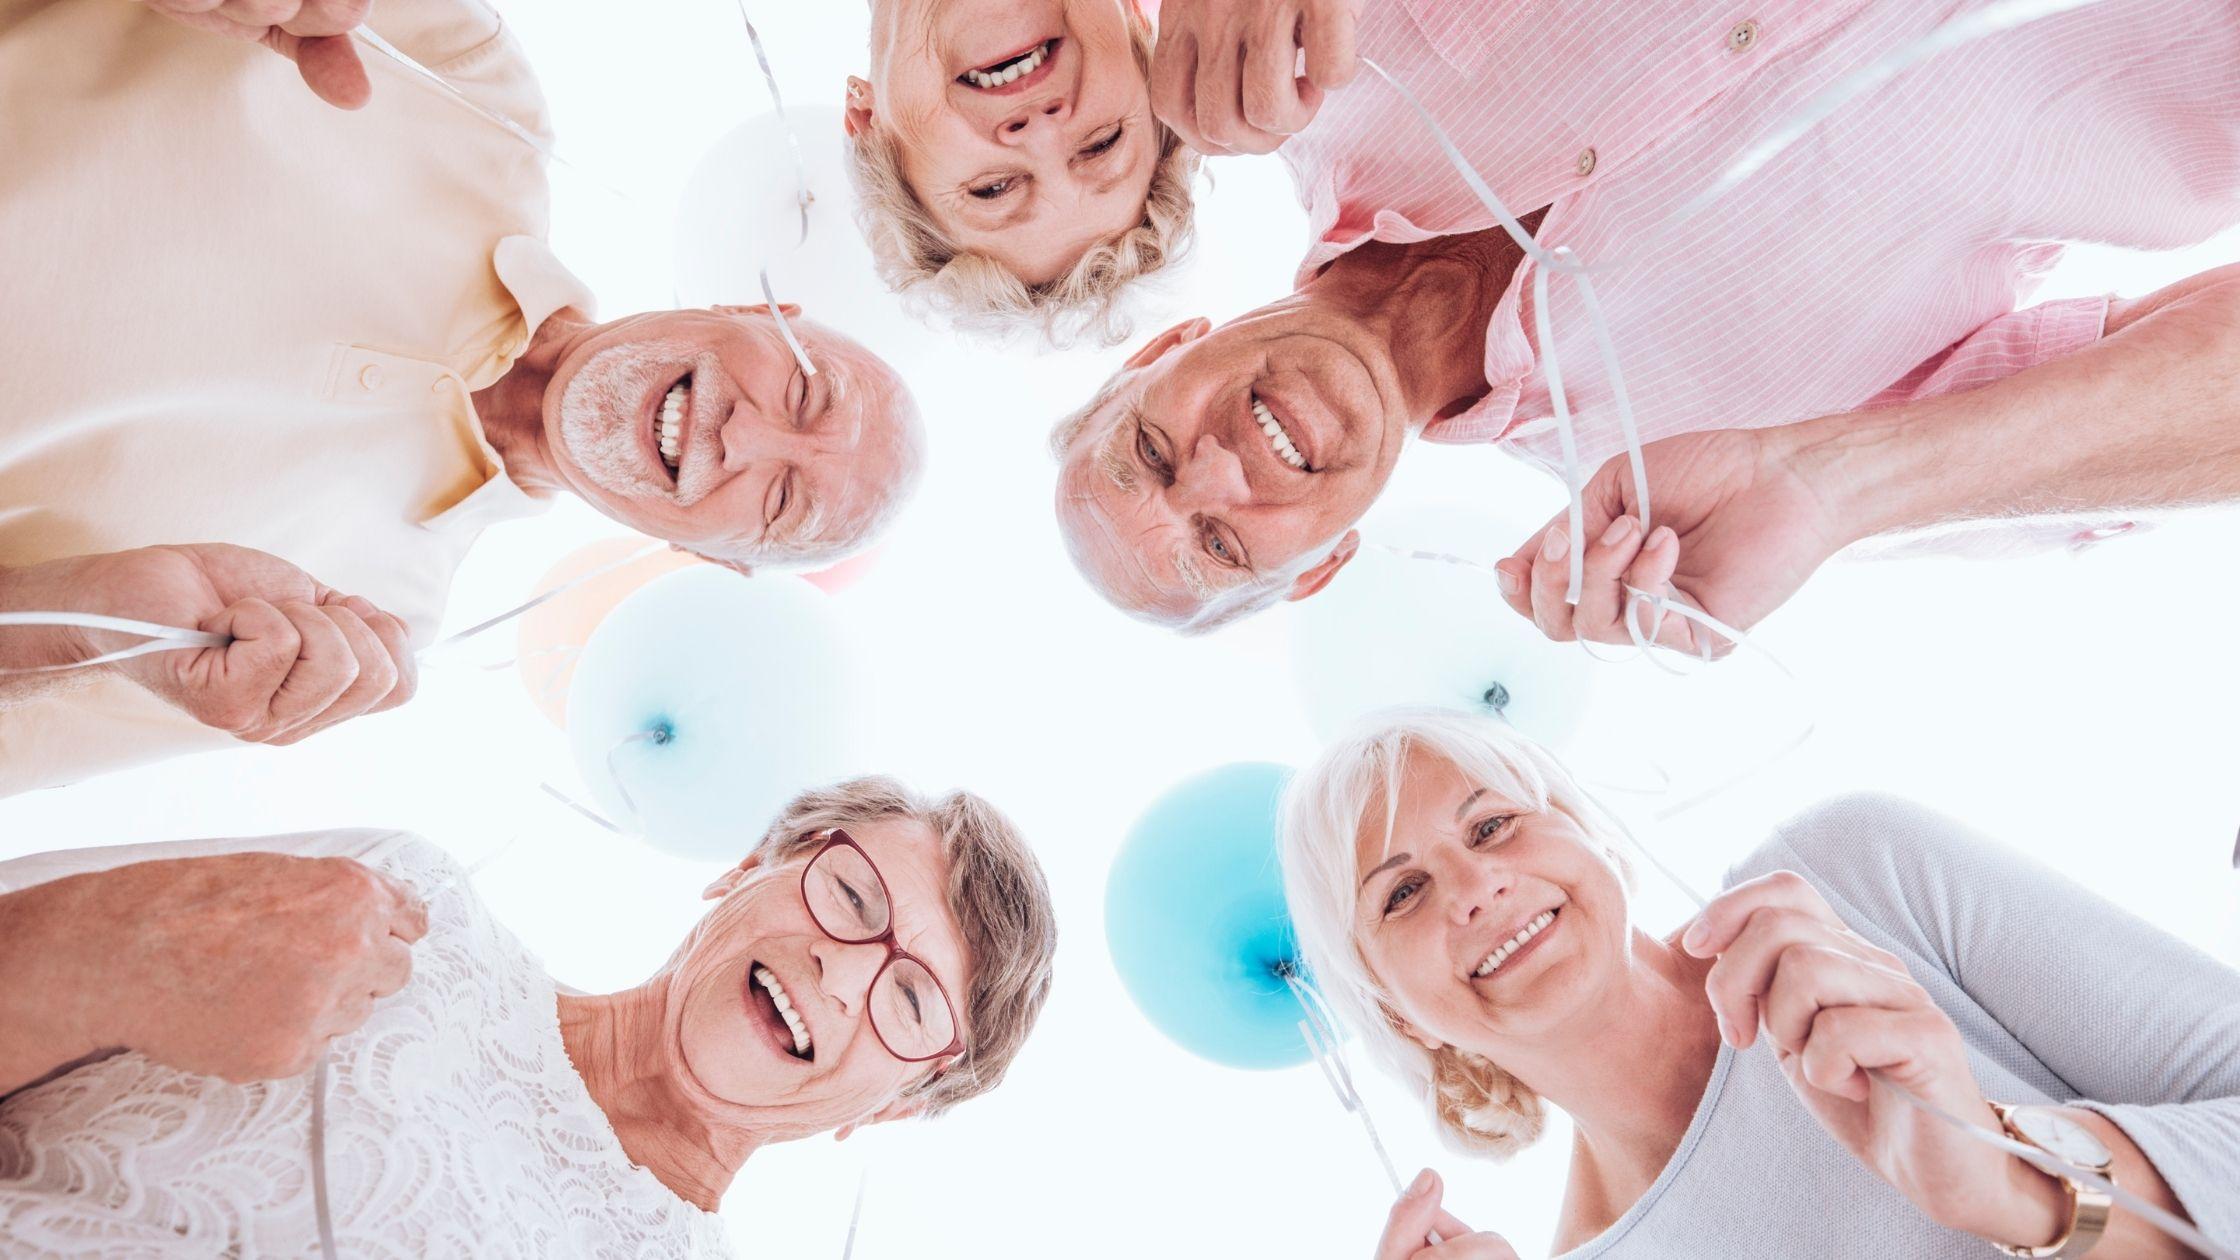 Cambio di paradigma per aumentare la longevità sana in Europa